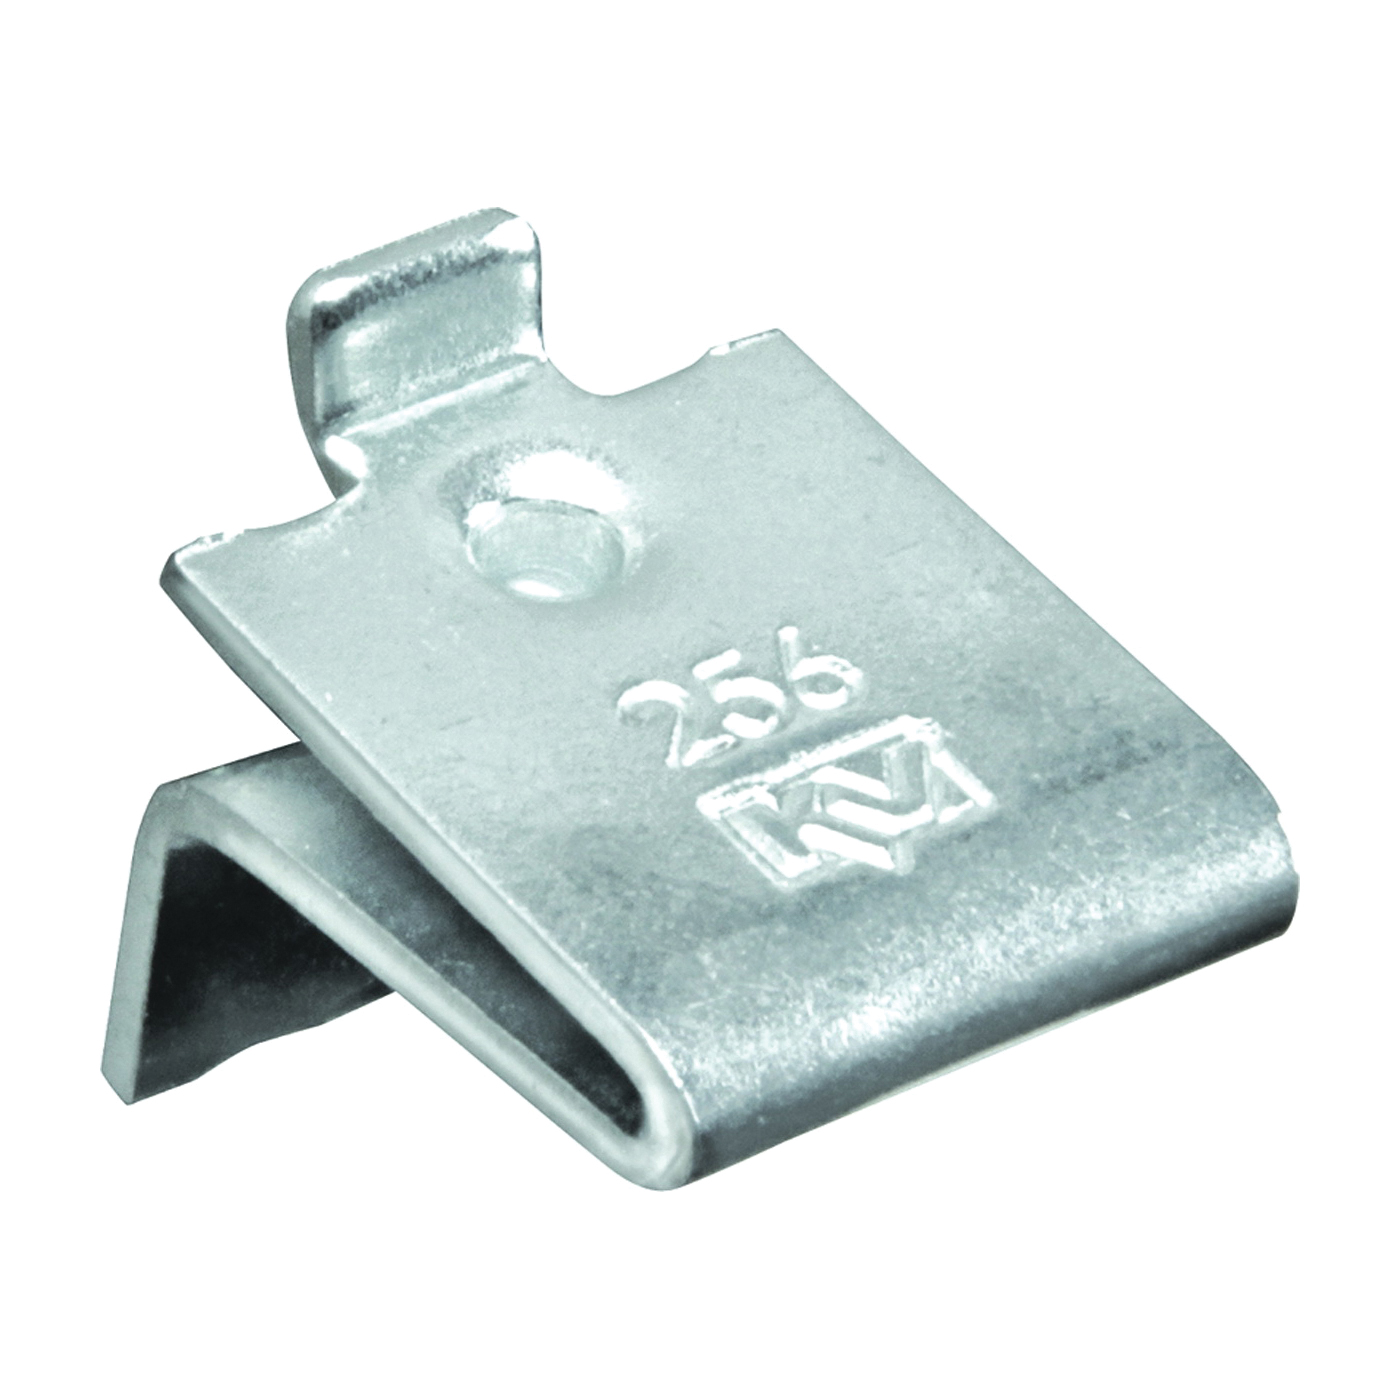 Picture of Knape & Vogt 256 ZC Pilaster Shelf Support Clip, Adjustable, Steel, 100, Mortise Mounting